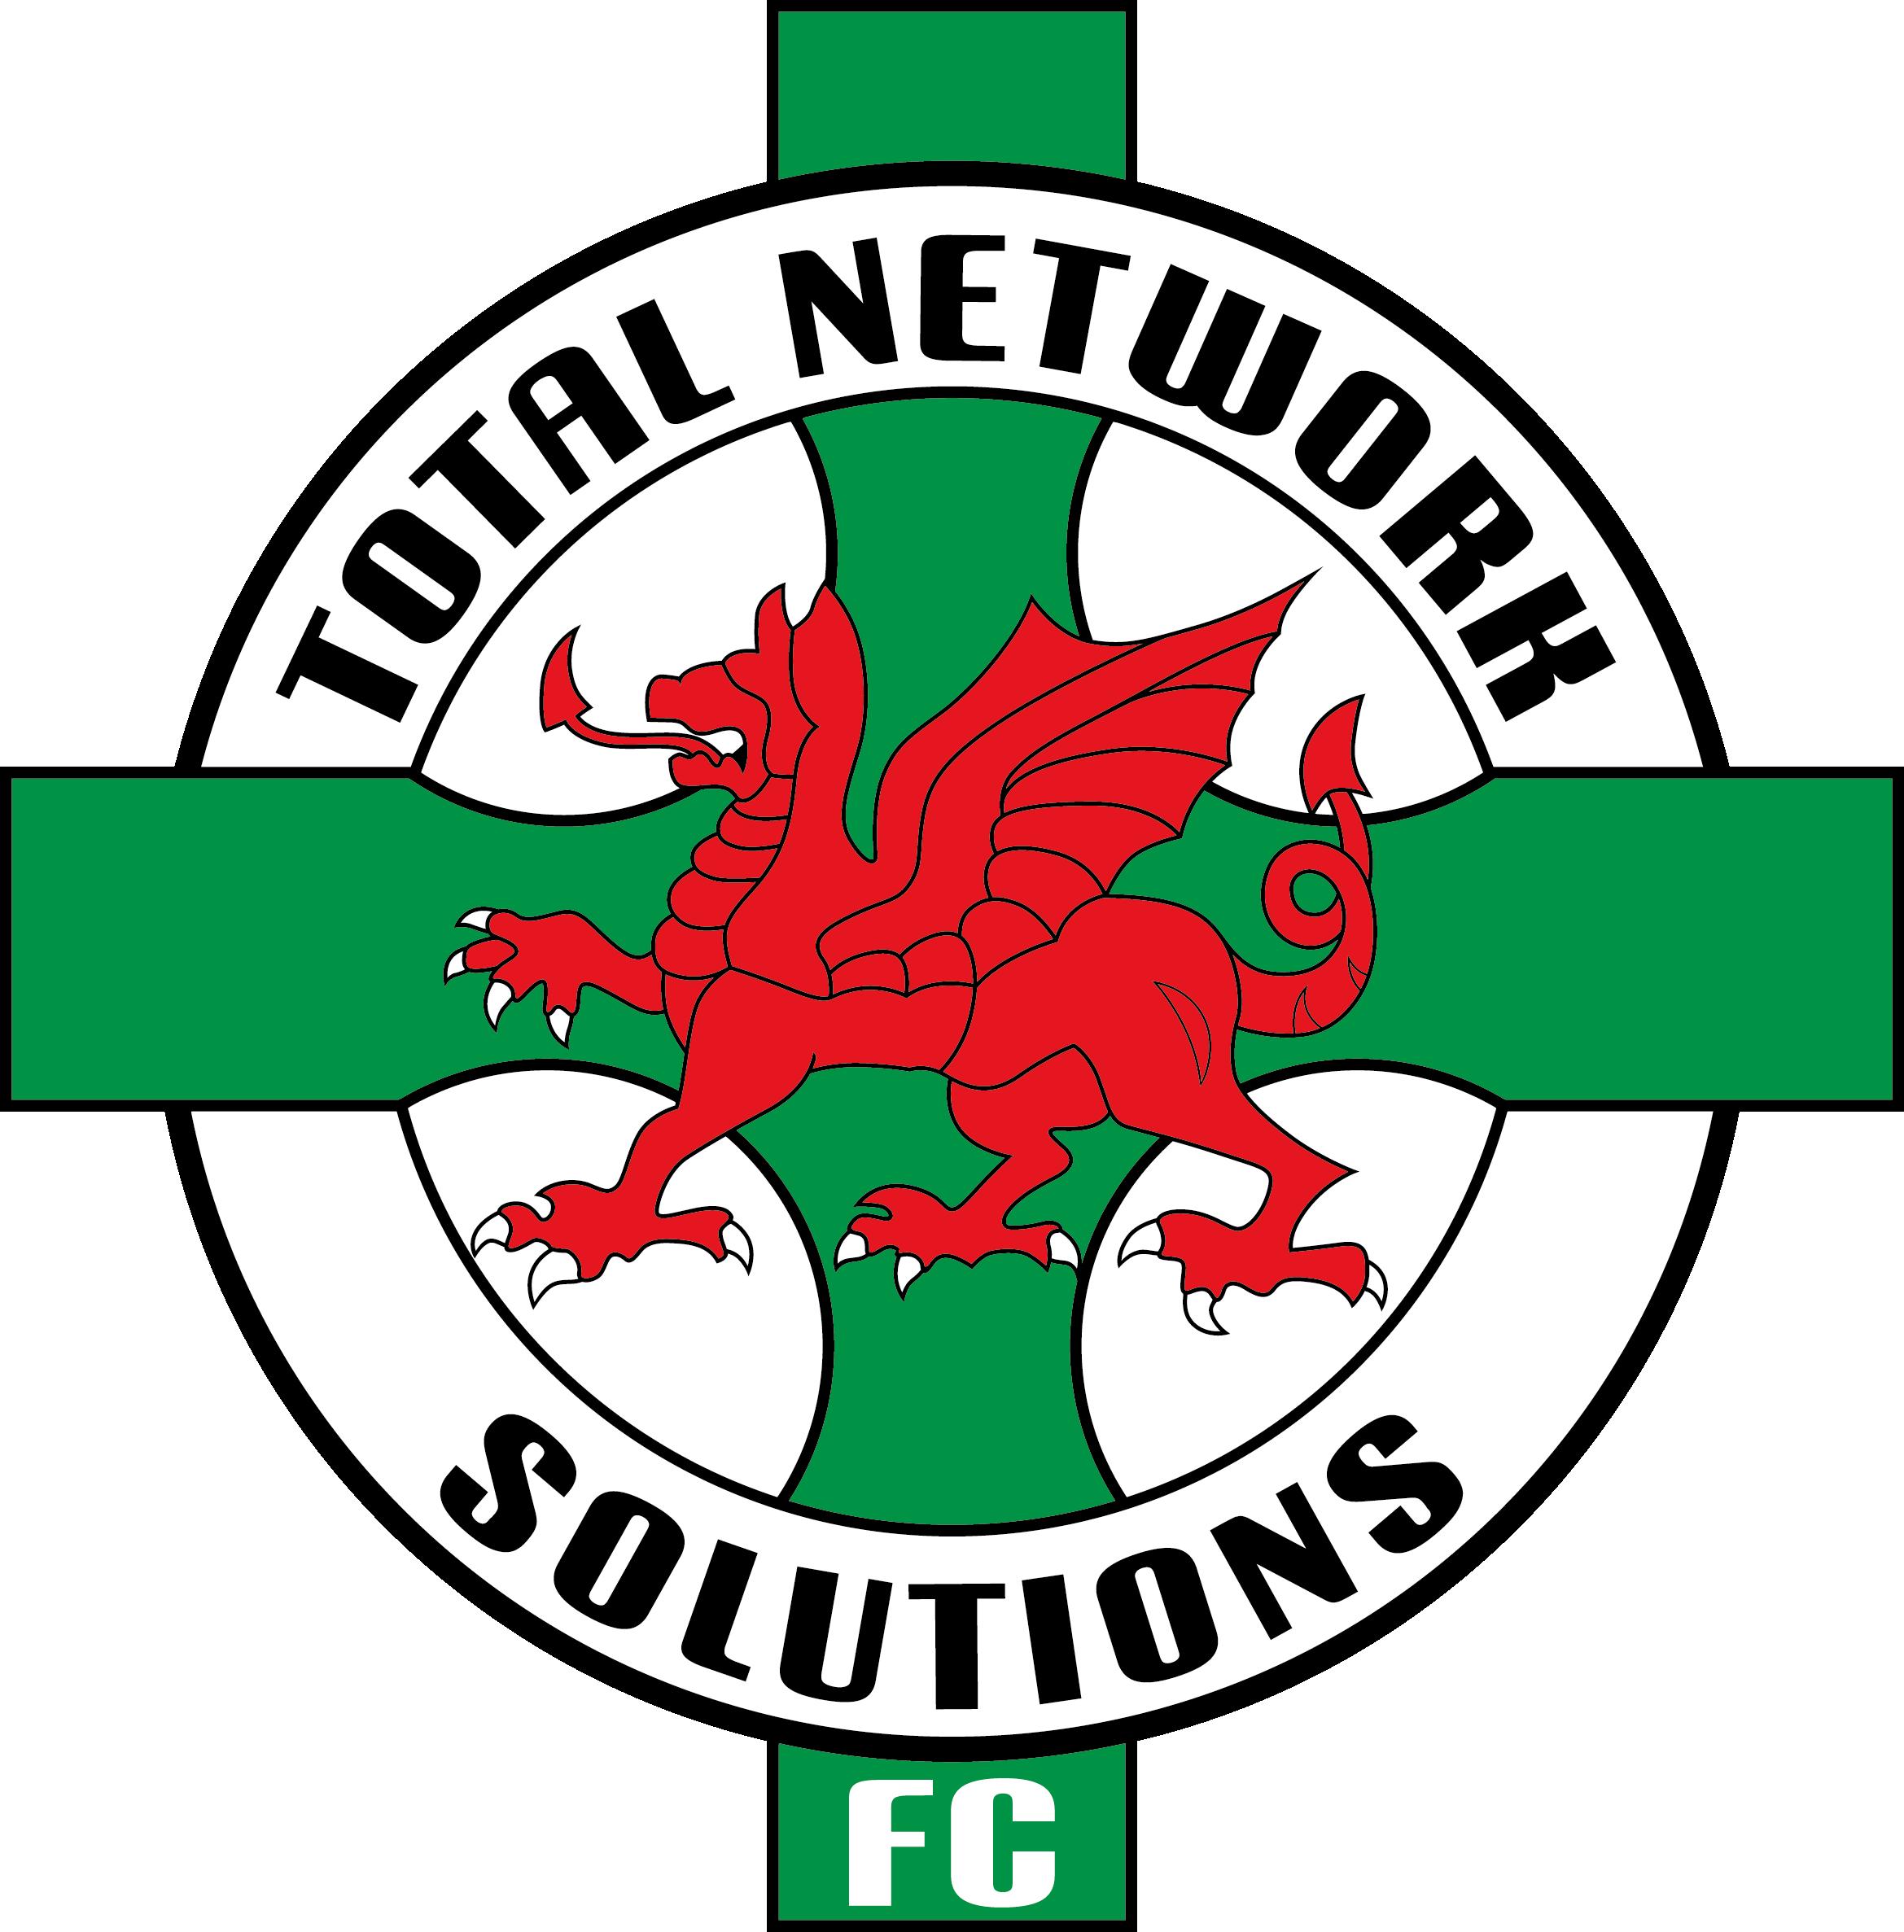 TNF LLANSANTFFRAID FC HERB 2002